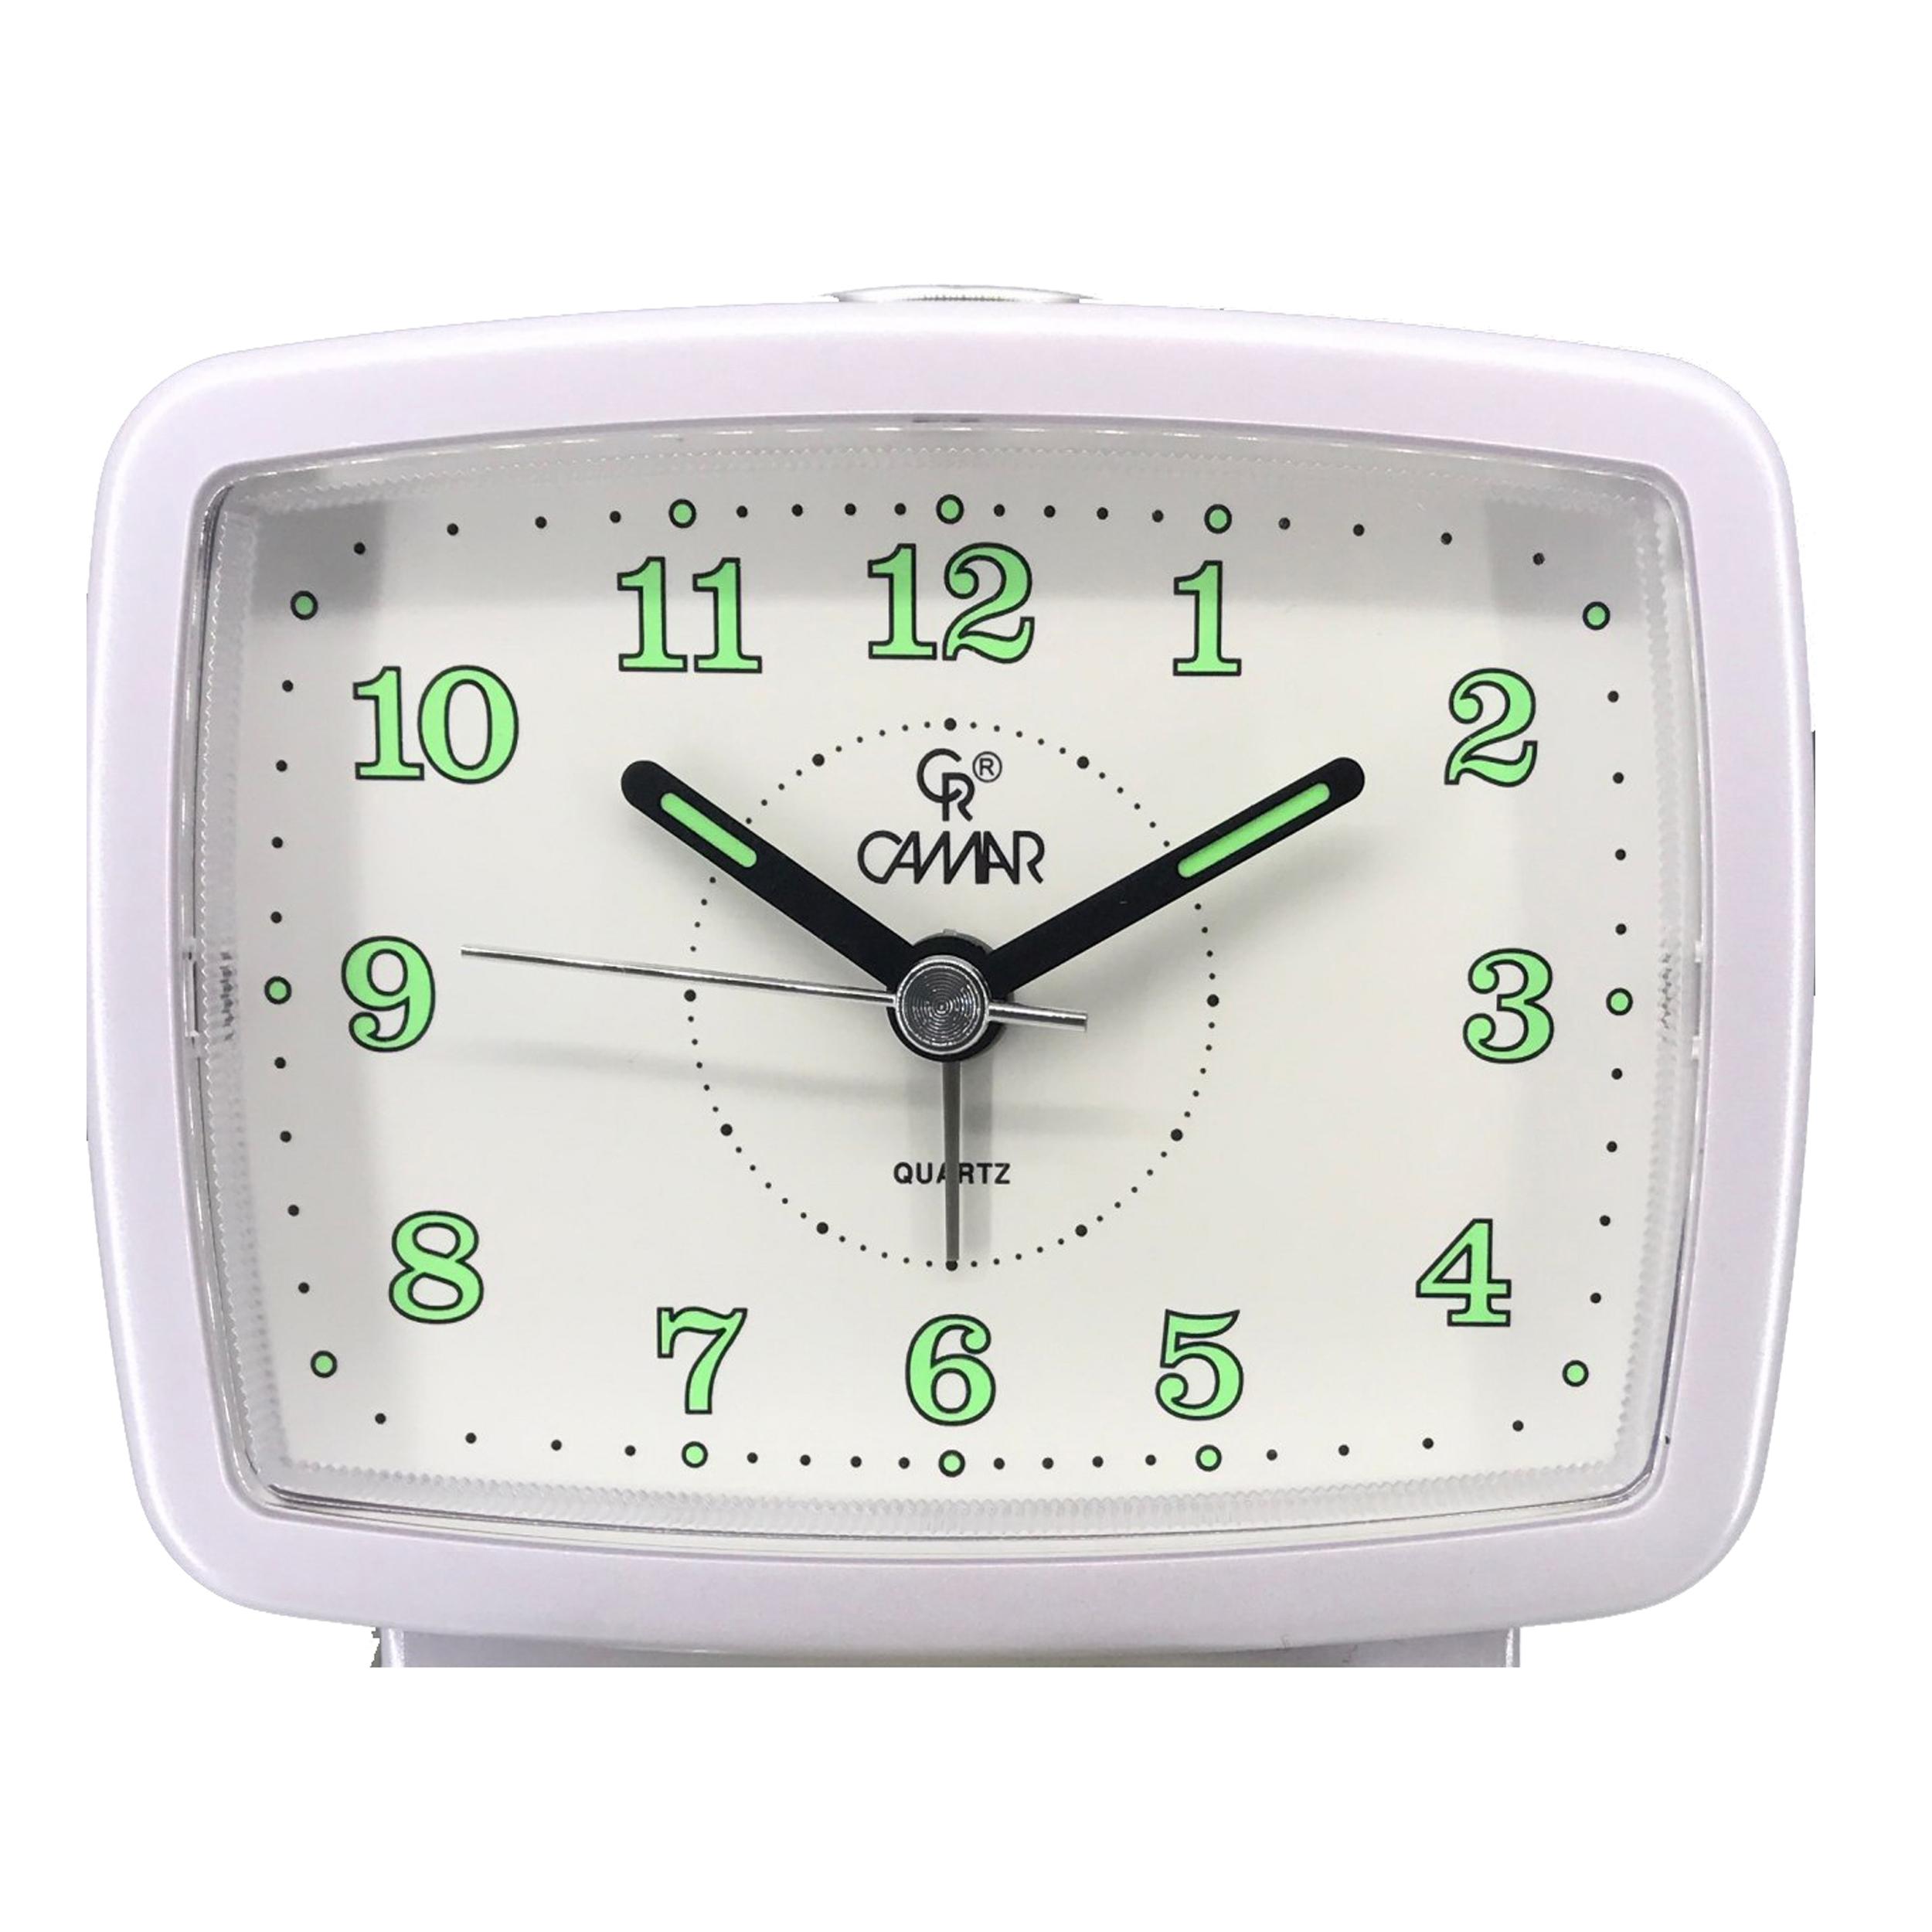 خرید ساعت رومیزی کامار مدل A303